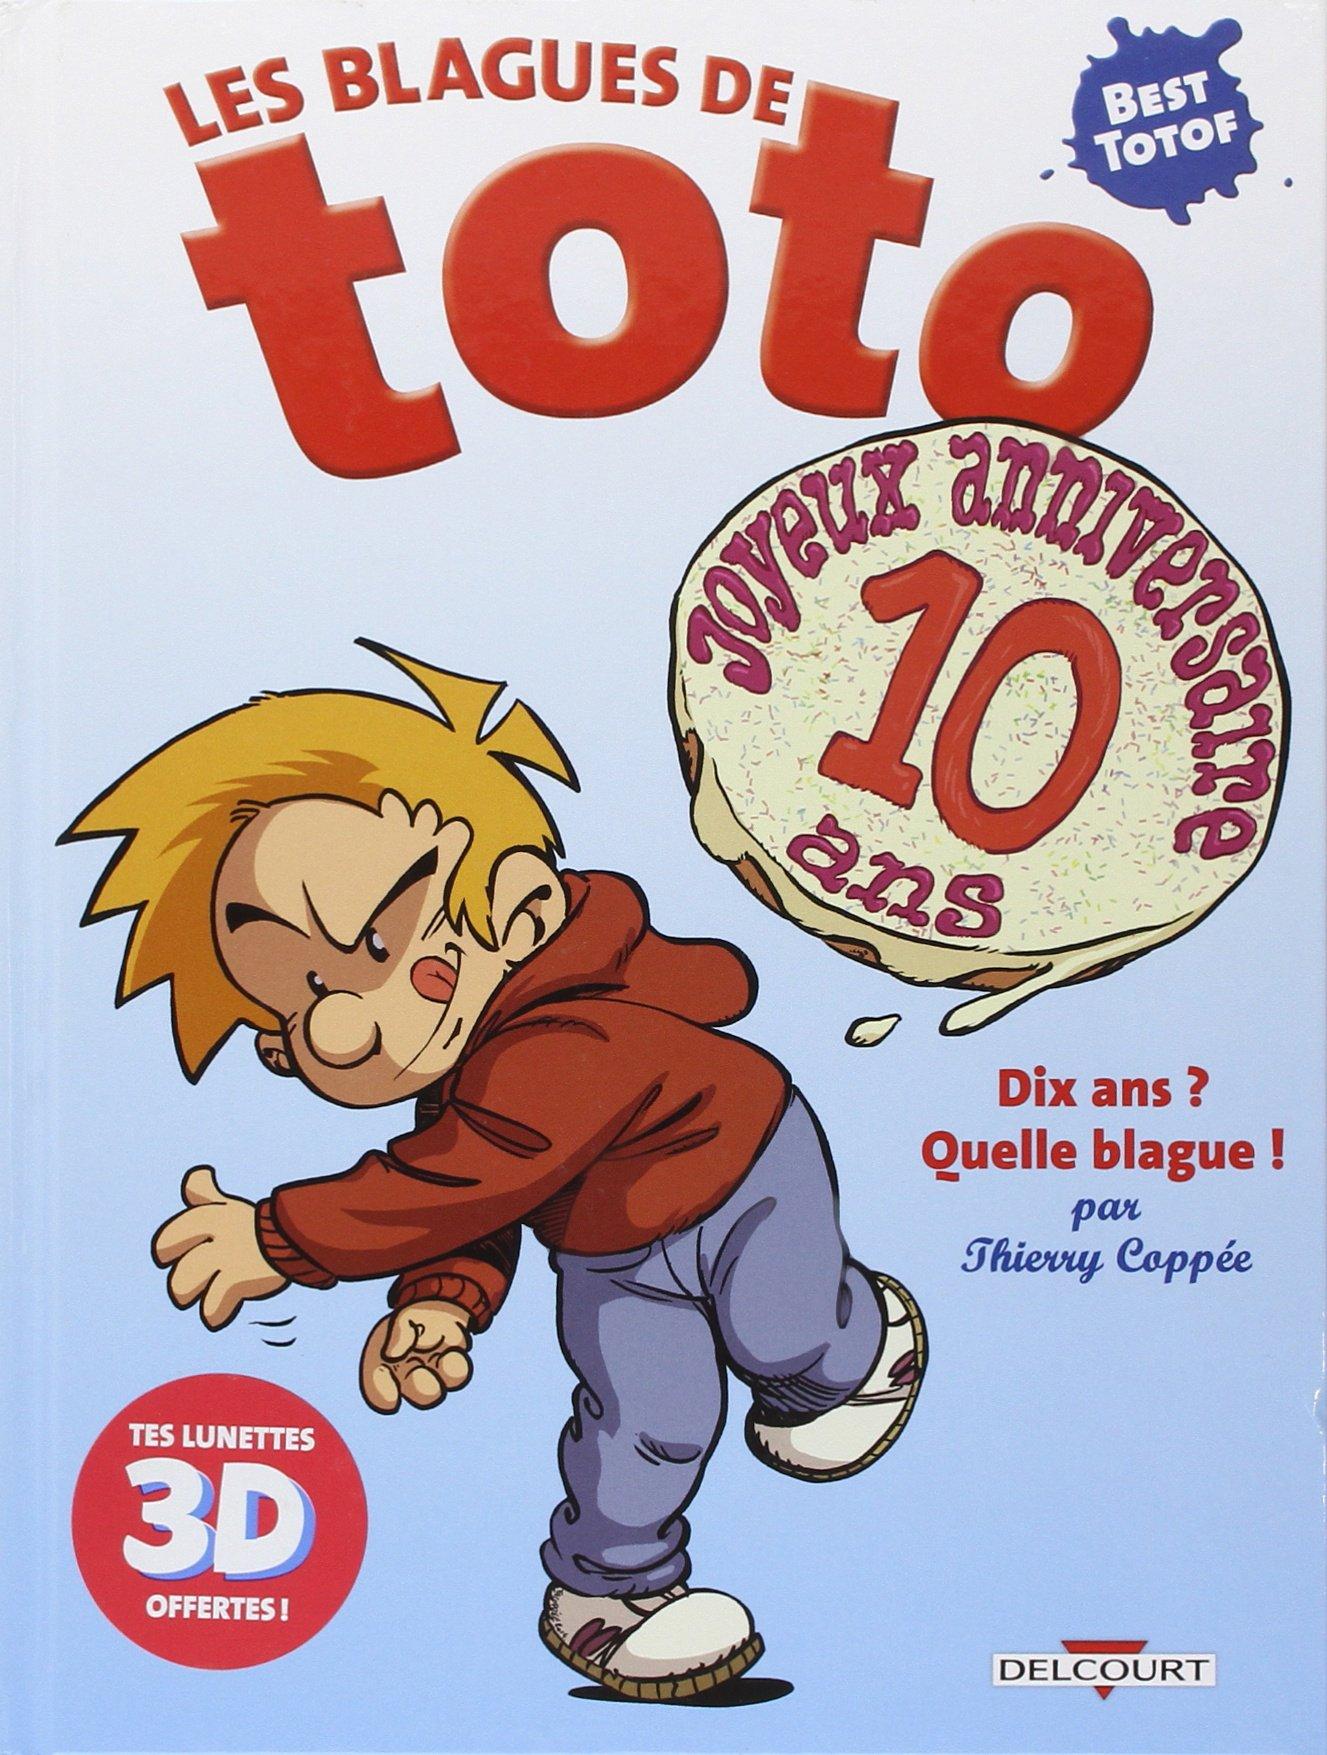 Les Blagues de Toto HS - Dix ans ? Quelle blague ! Album – 4 juin 2014 Thierry Coppée Delcourt 2756062111 Bandes dessinées